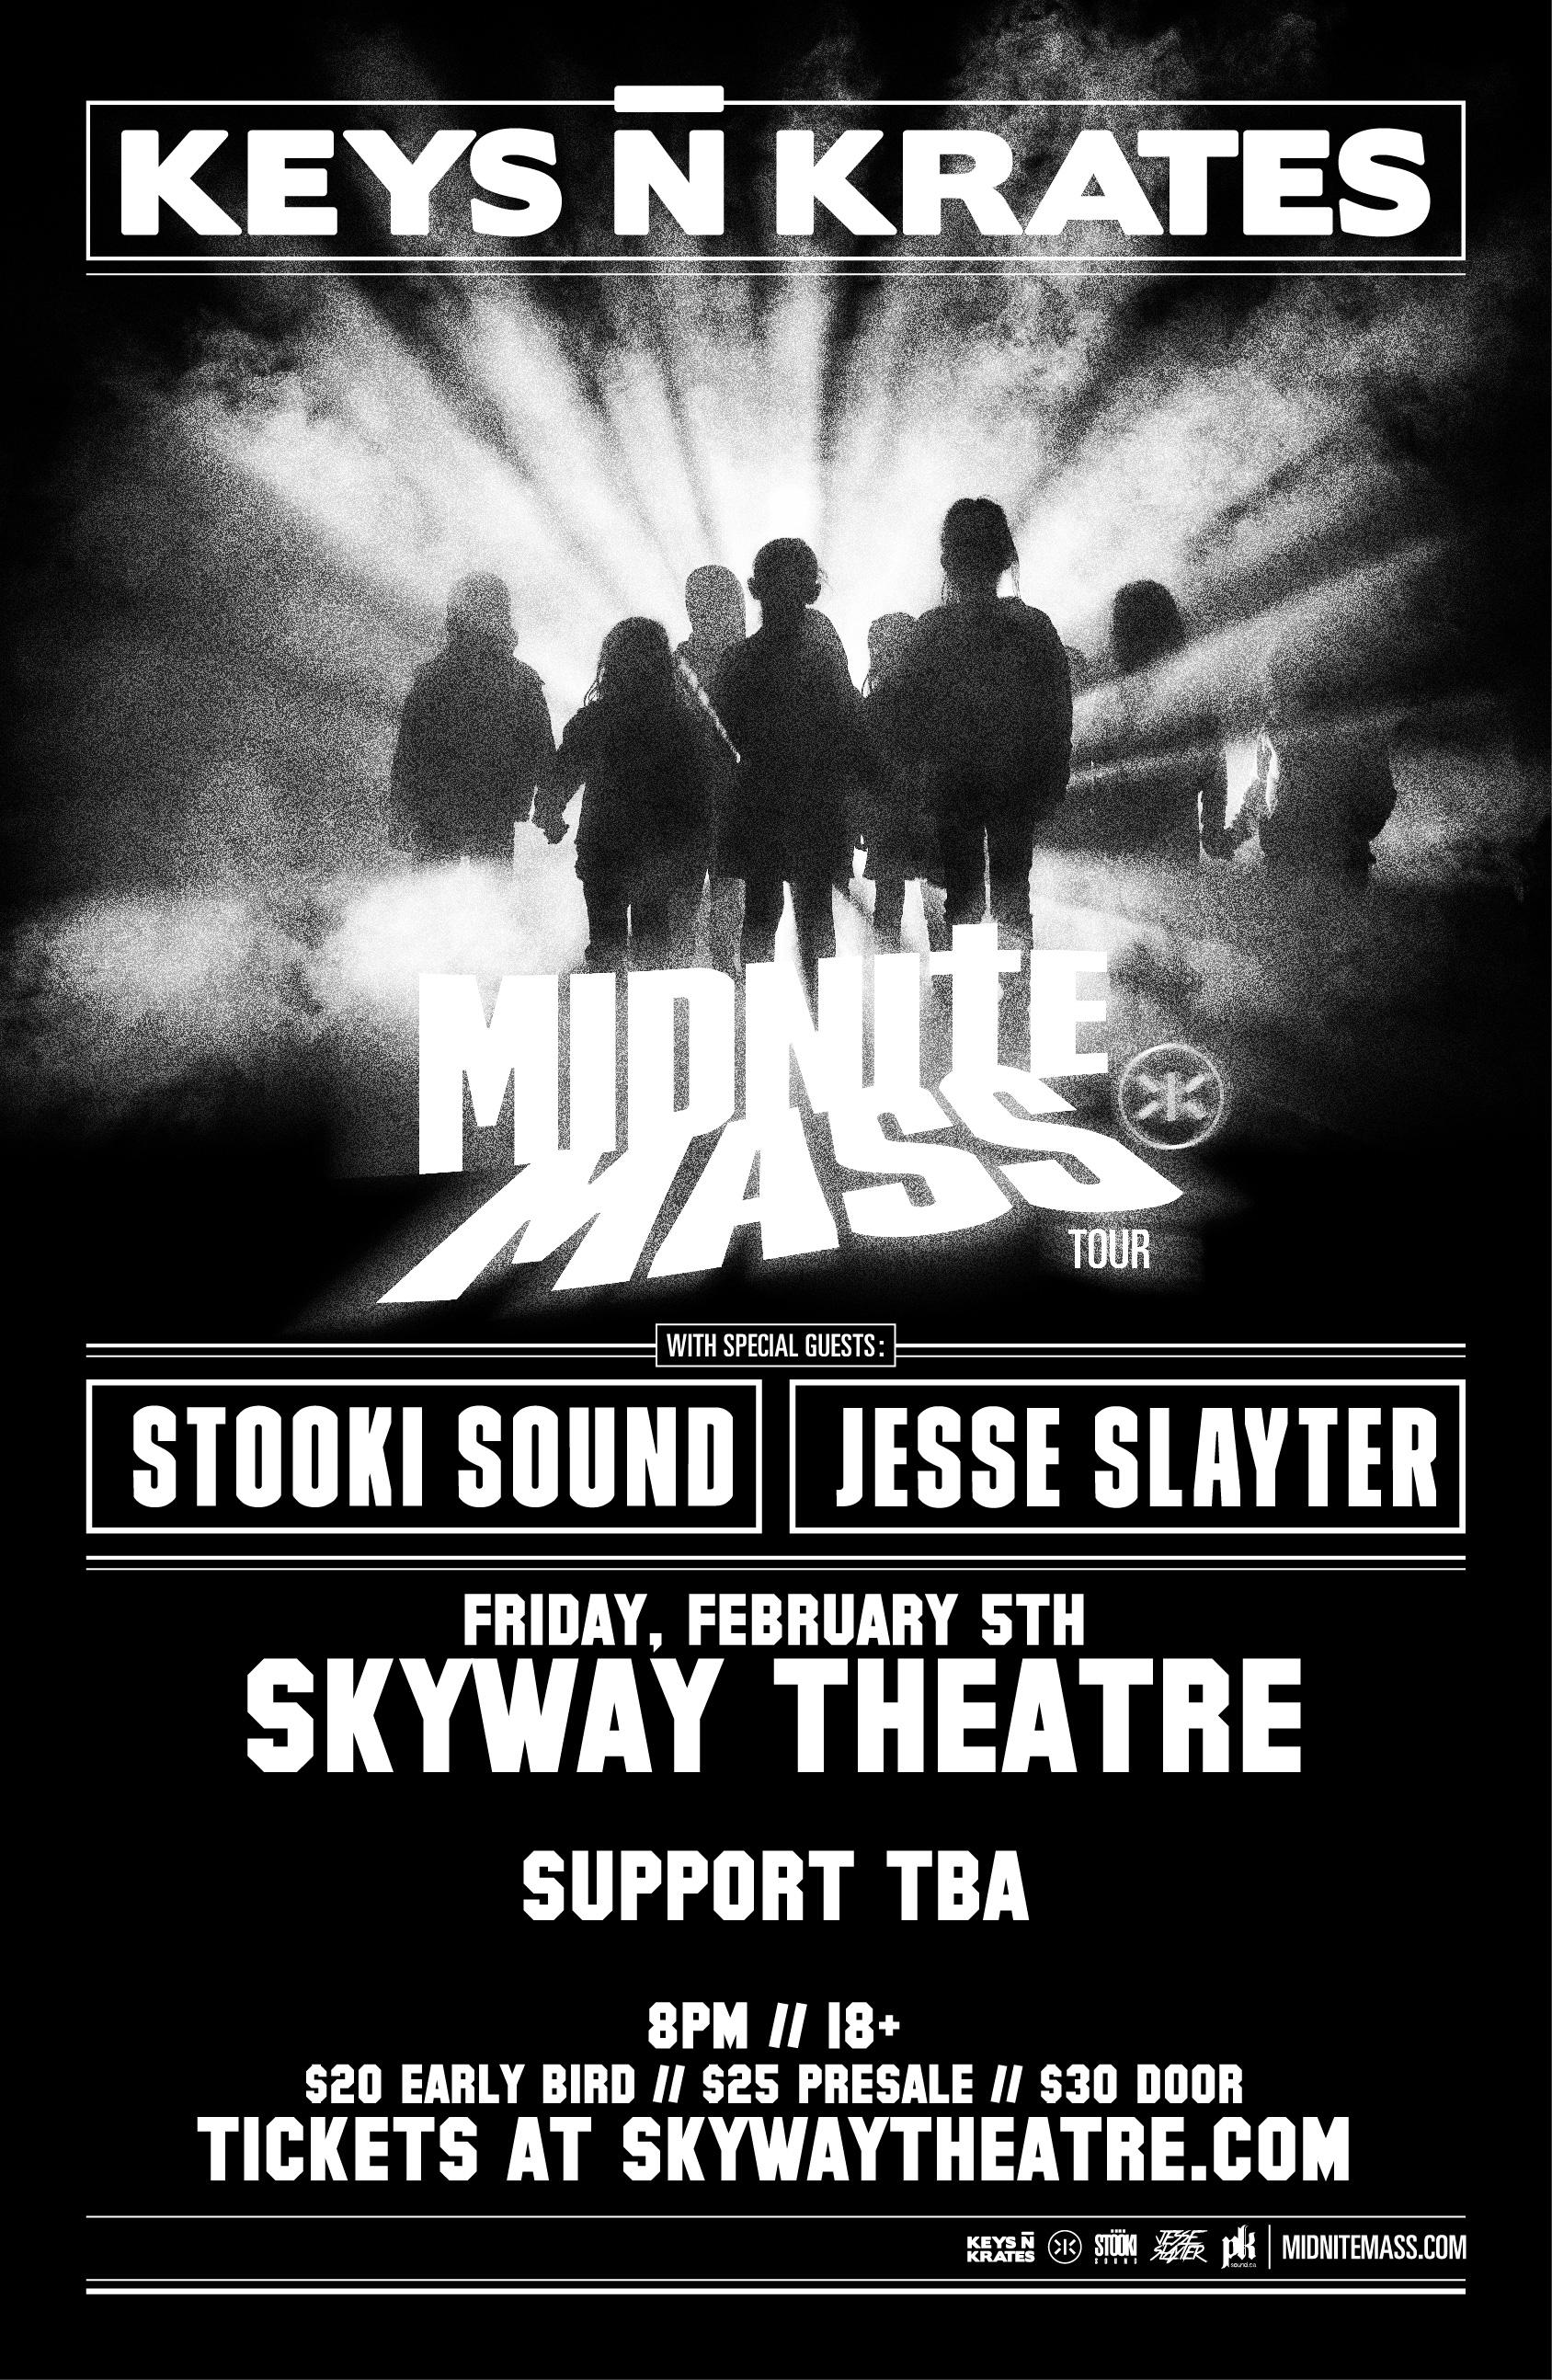 Midnite Mass - Tour Poster.jpg